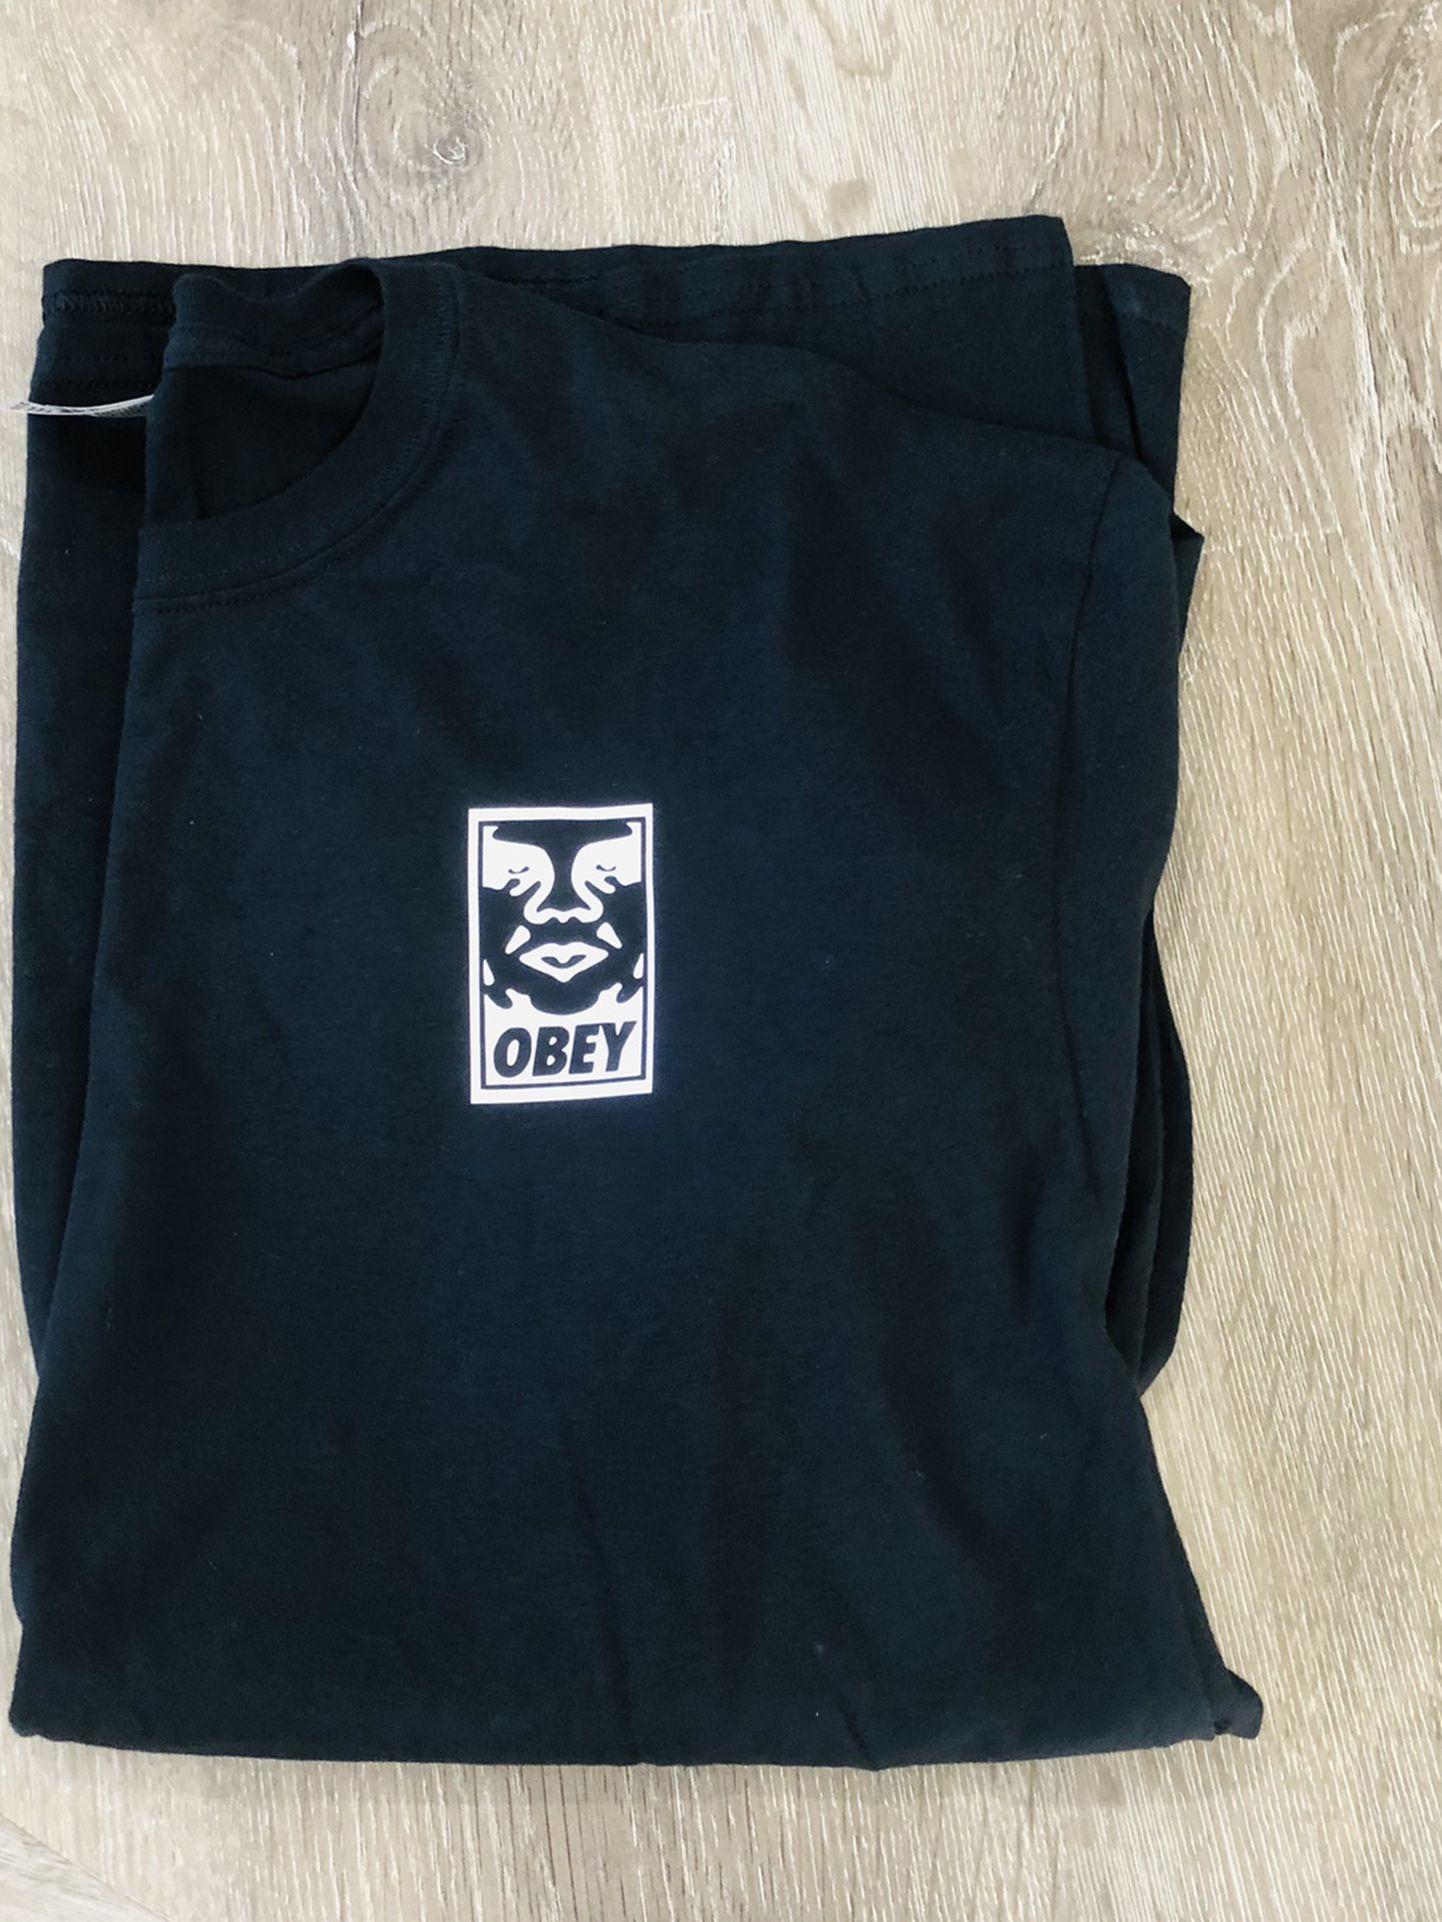 XXL OBEY T-shirt